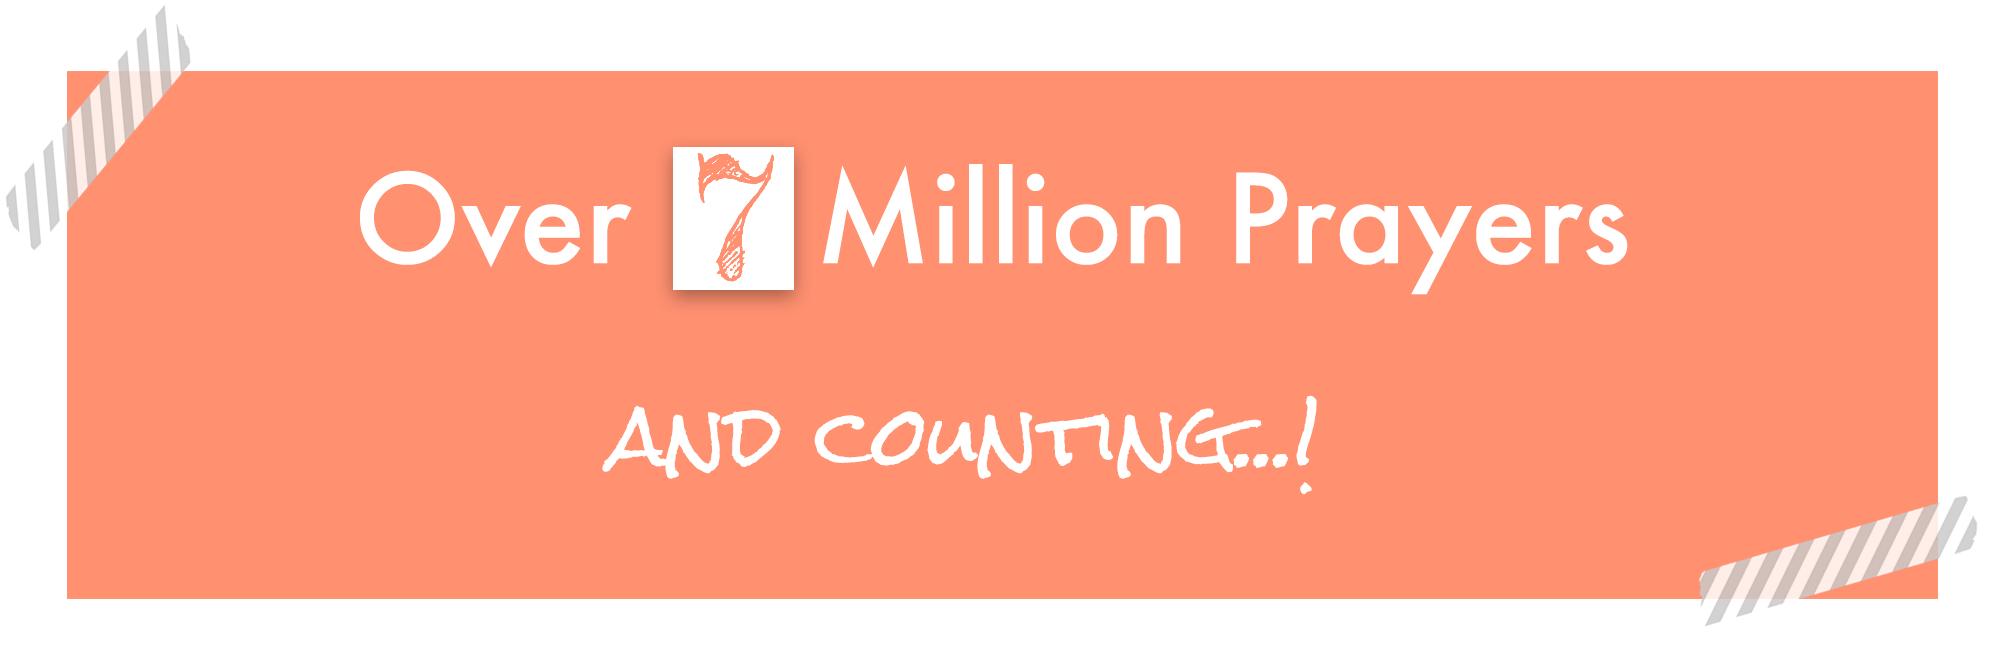 7 million prayer banner